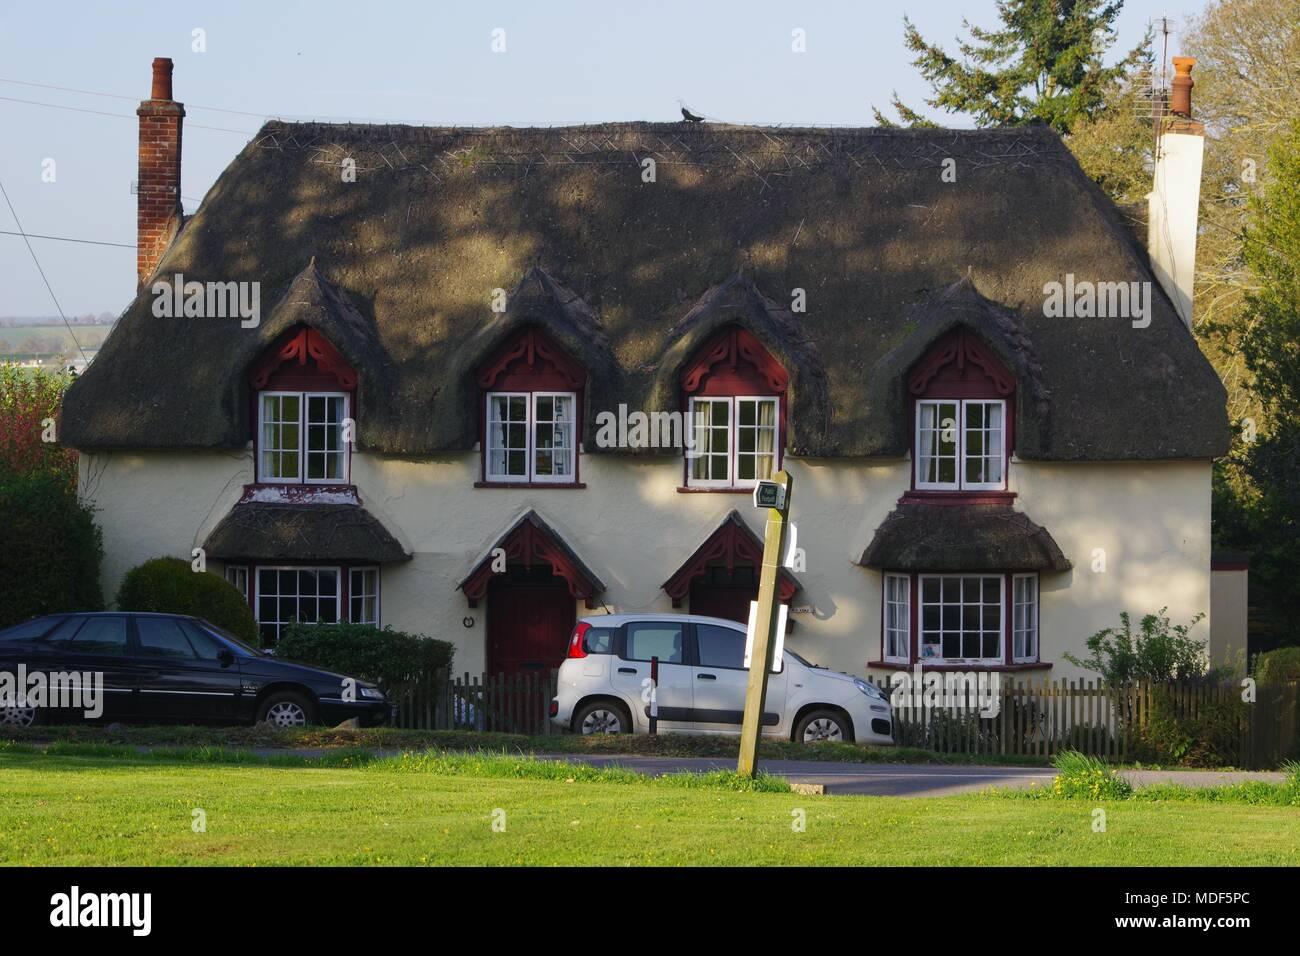 Quaint Rural Thatched Cottage. Church Road, Powderham, Exeter, Devon, UK. April, 2018. - Stock Image